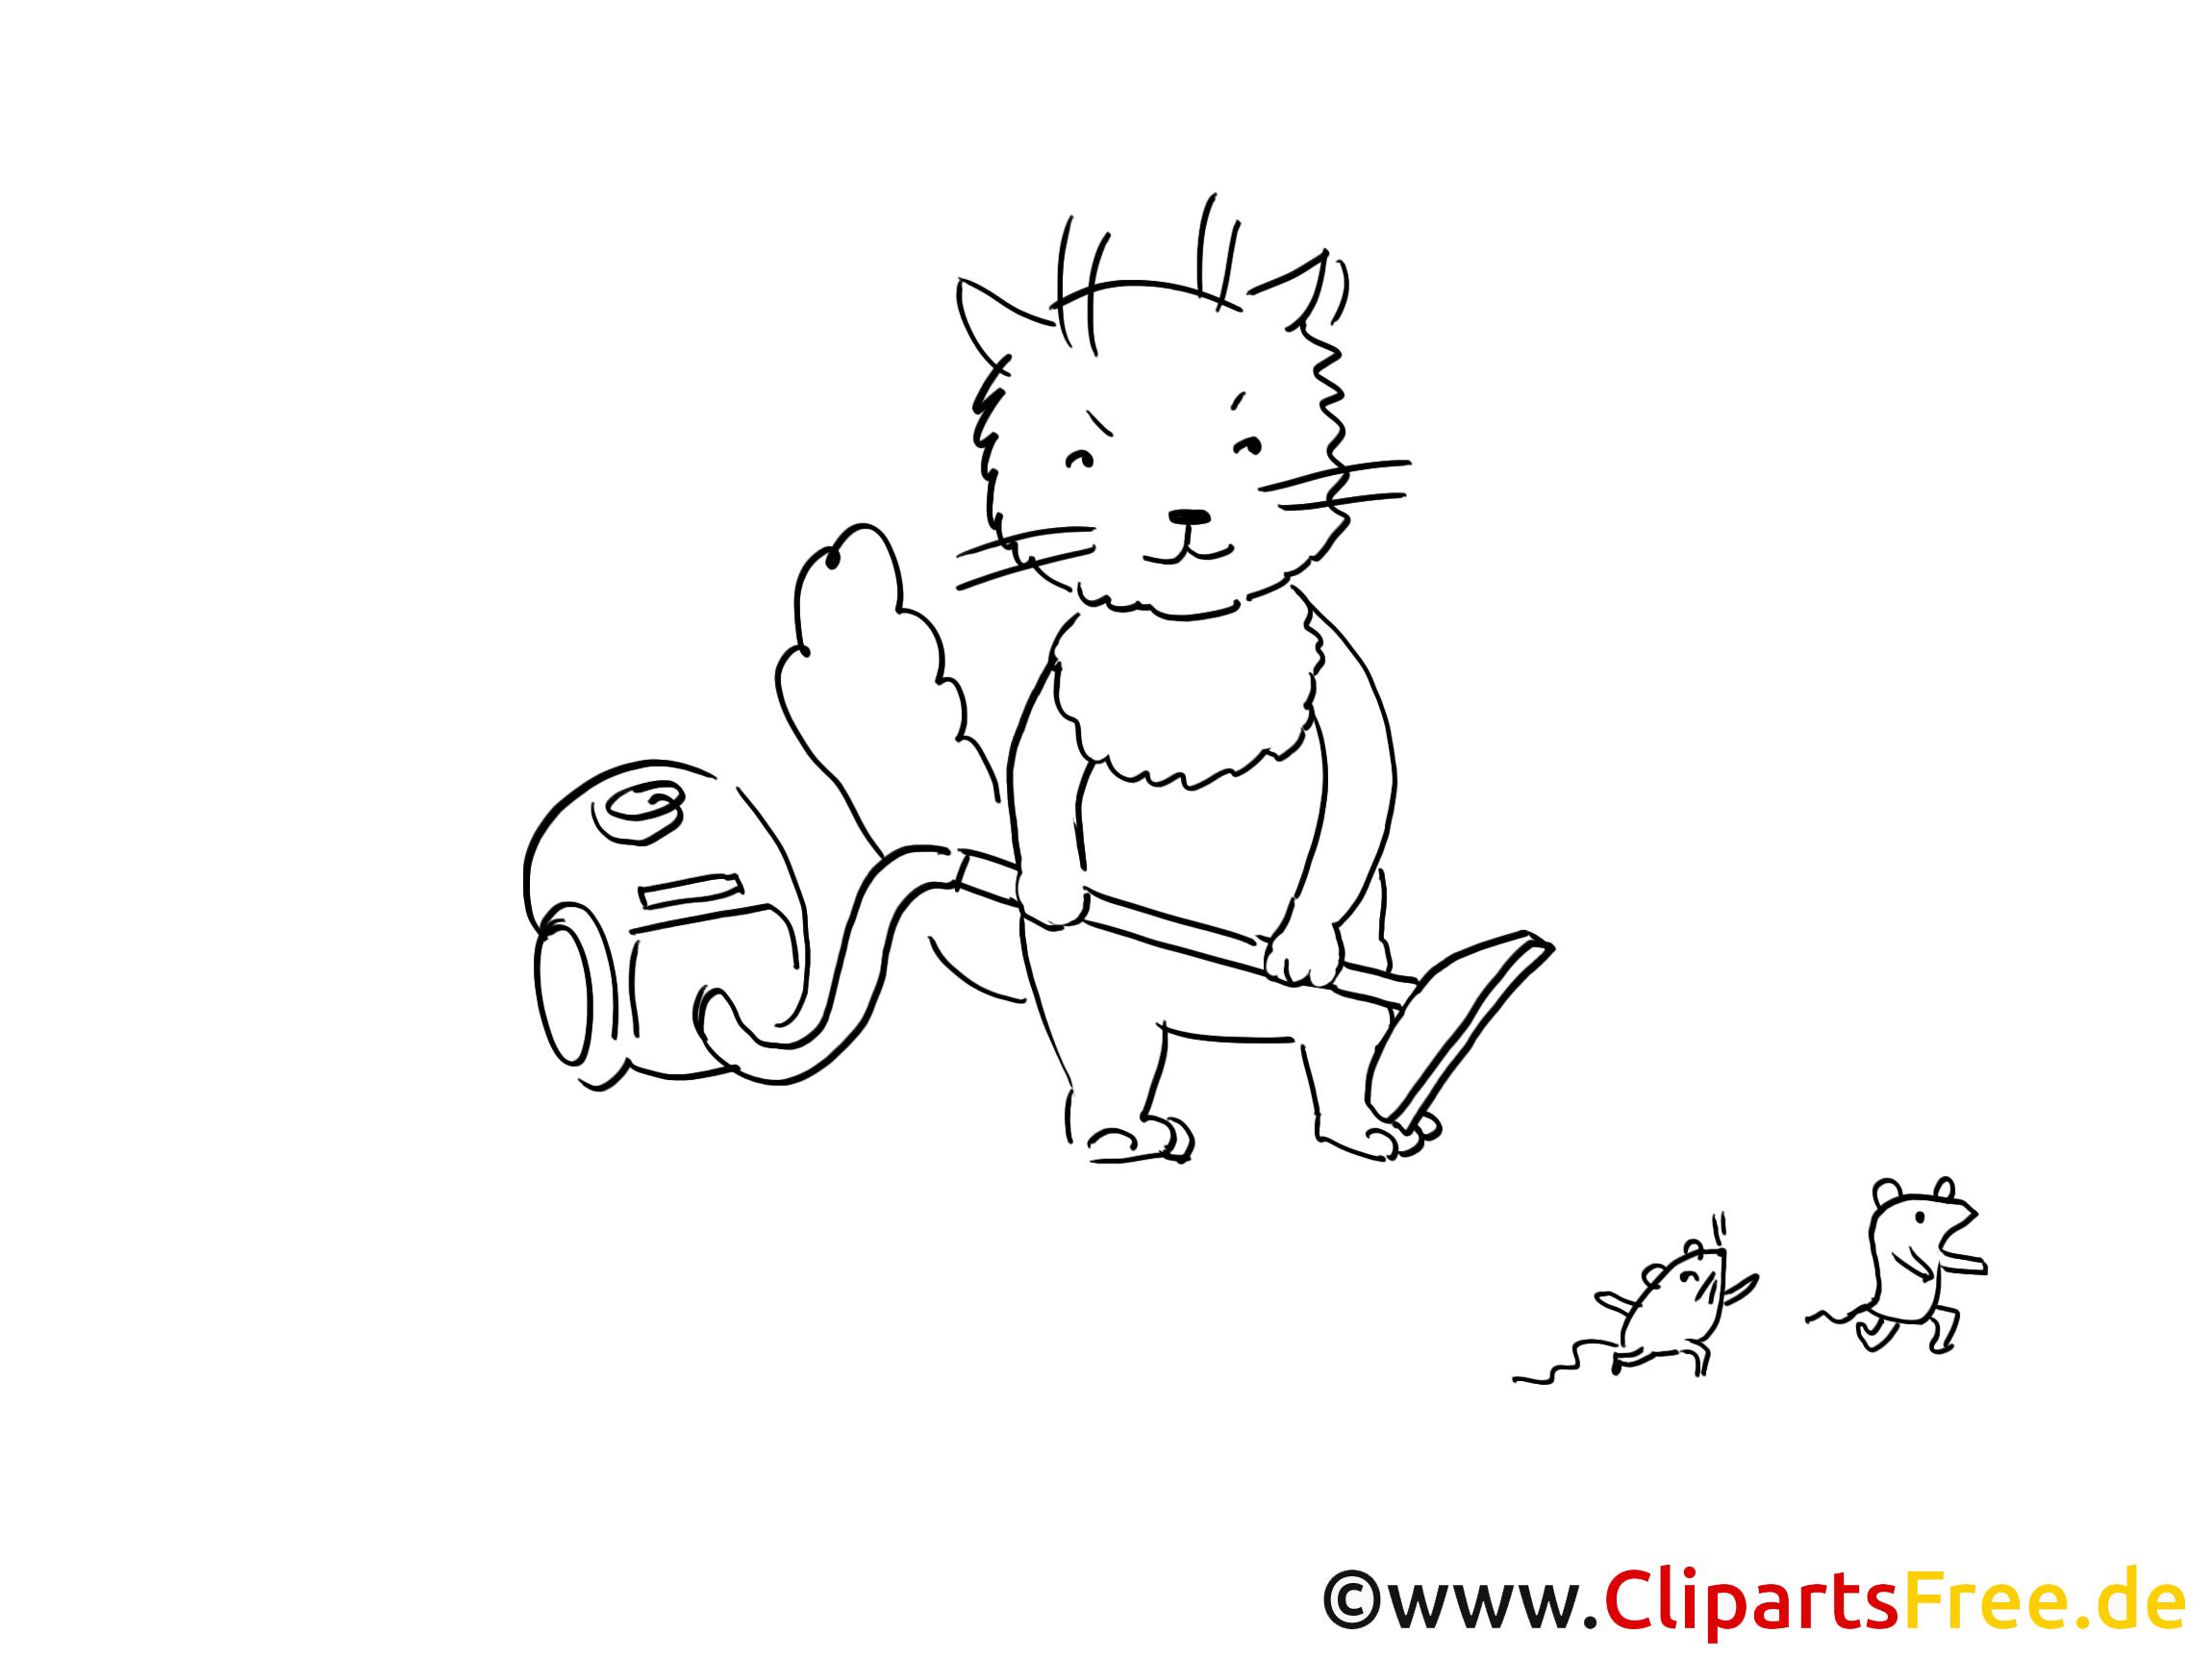 Aspirateur Clip Art Gratuit – Chats À Colorier - Chats concernant Coloriage Aspirateur